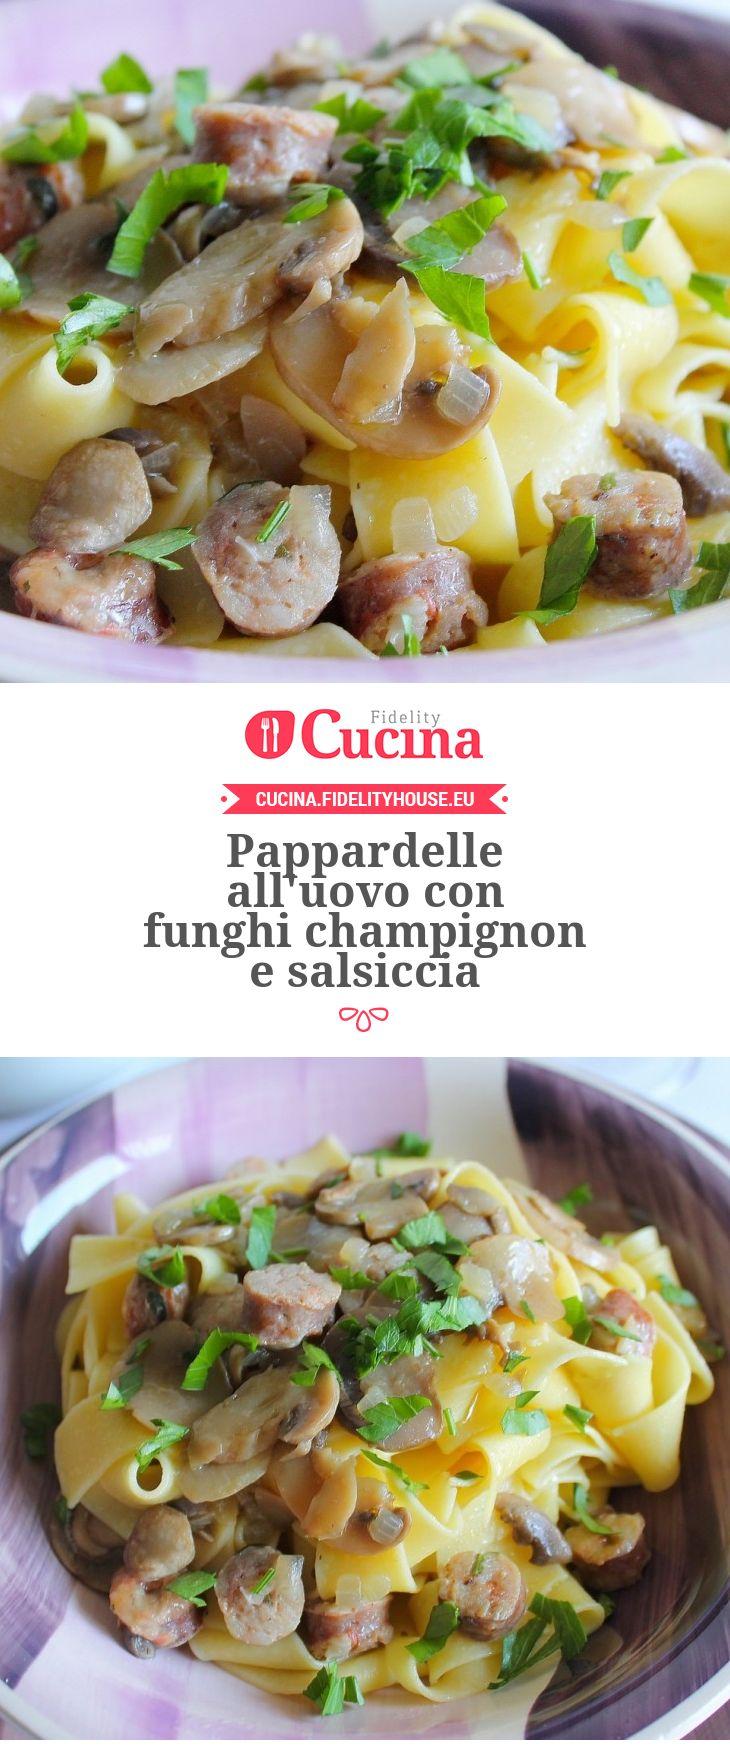 #Pappardelle all'uovo con #funghi champignon e #salsiccia. Una ricetta della nostra utente Giovanna, entra anche tu nella #Community ed inviaci le tue ricette > http://bit.ly/1LiPYiP